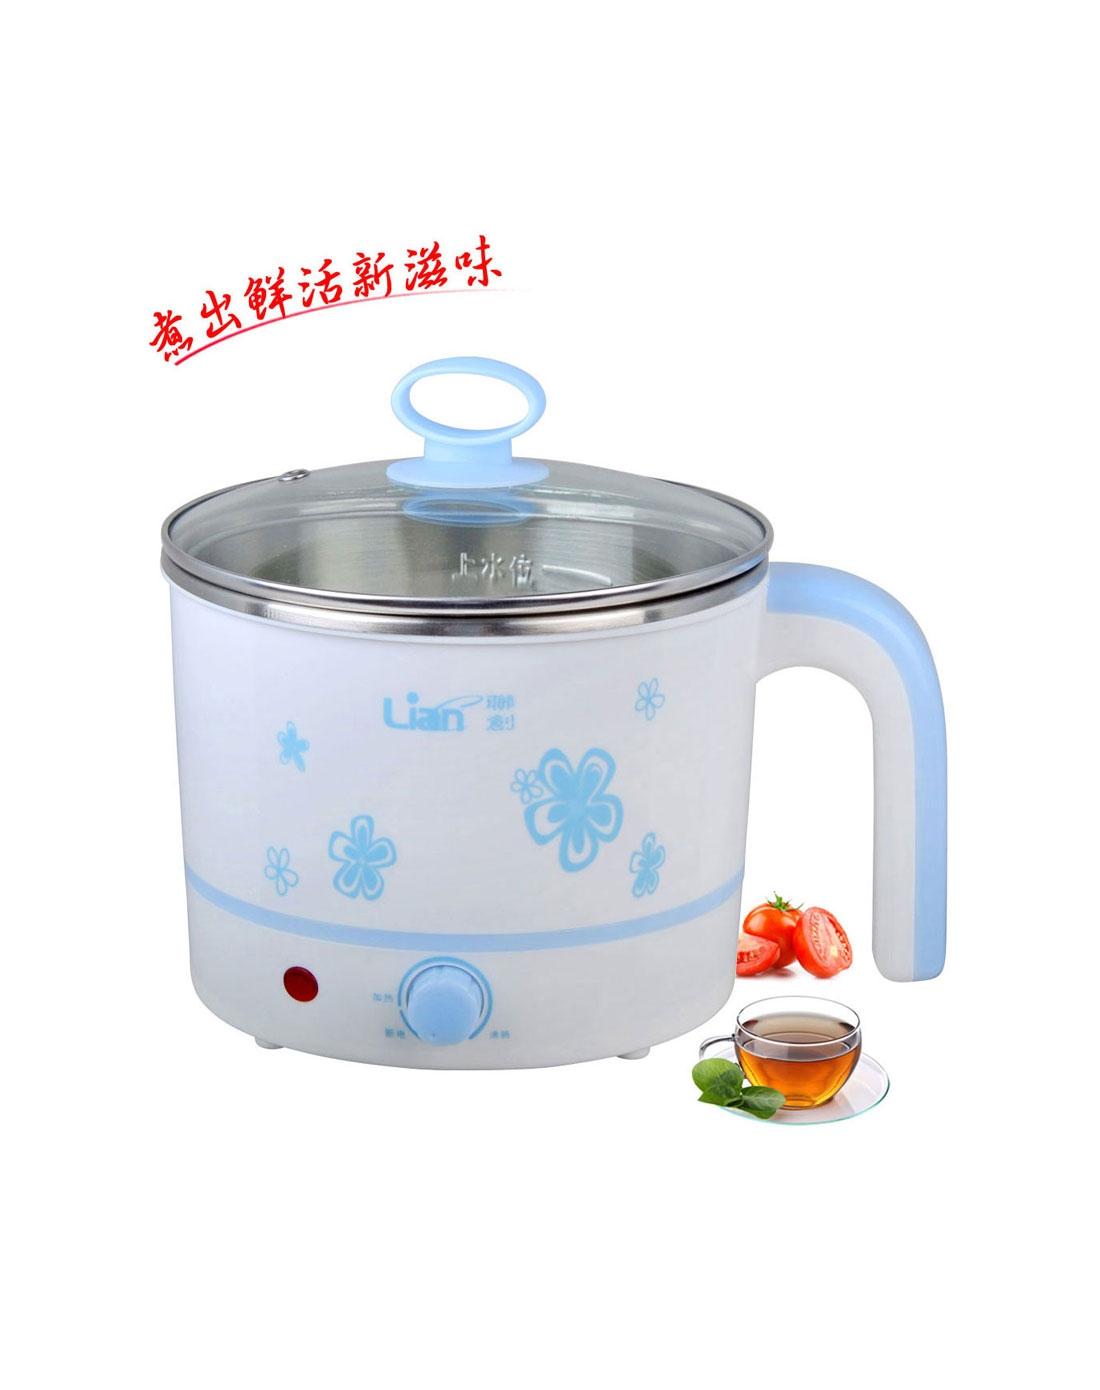 蓝色多功能电煮锅